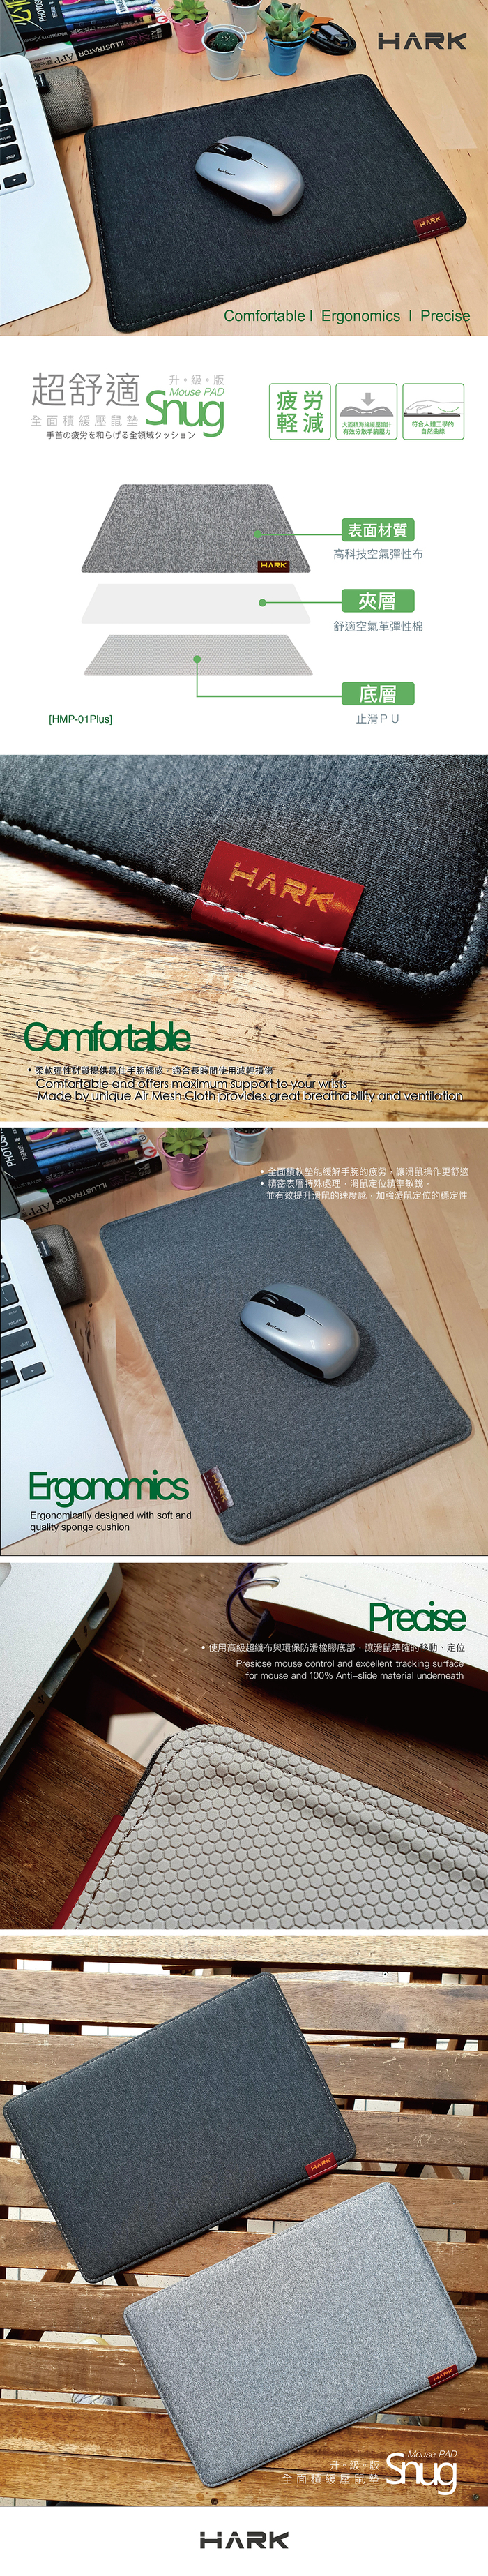 台灣設計 HARK|超舒適全面積緩壓鼠墊 (HMP-01)